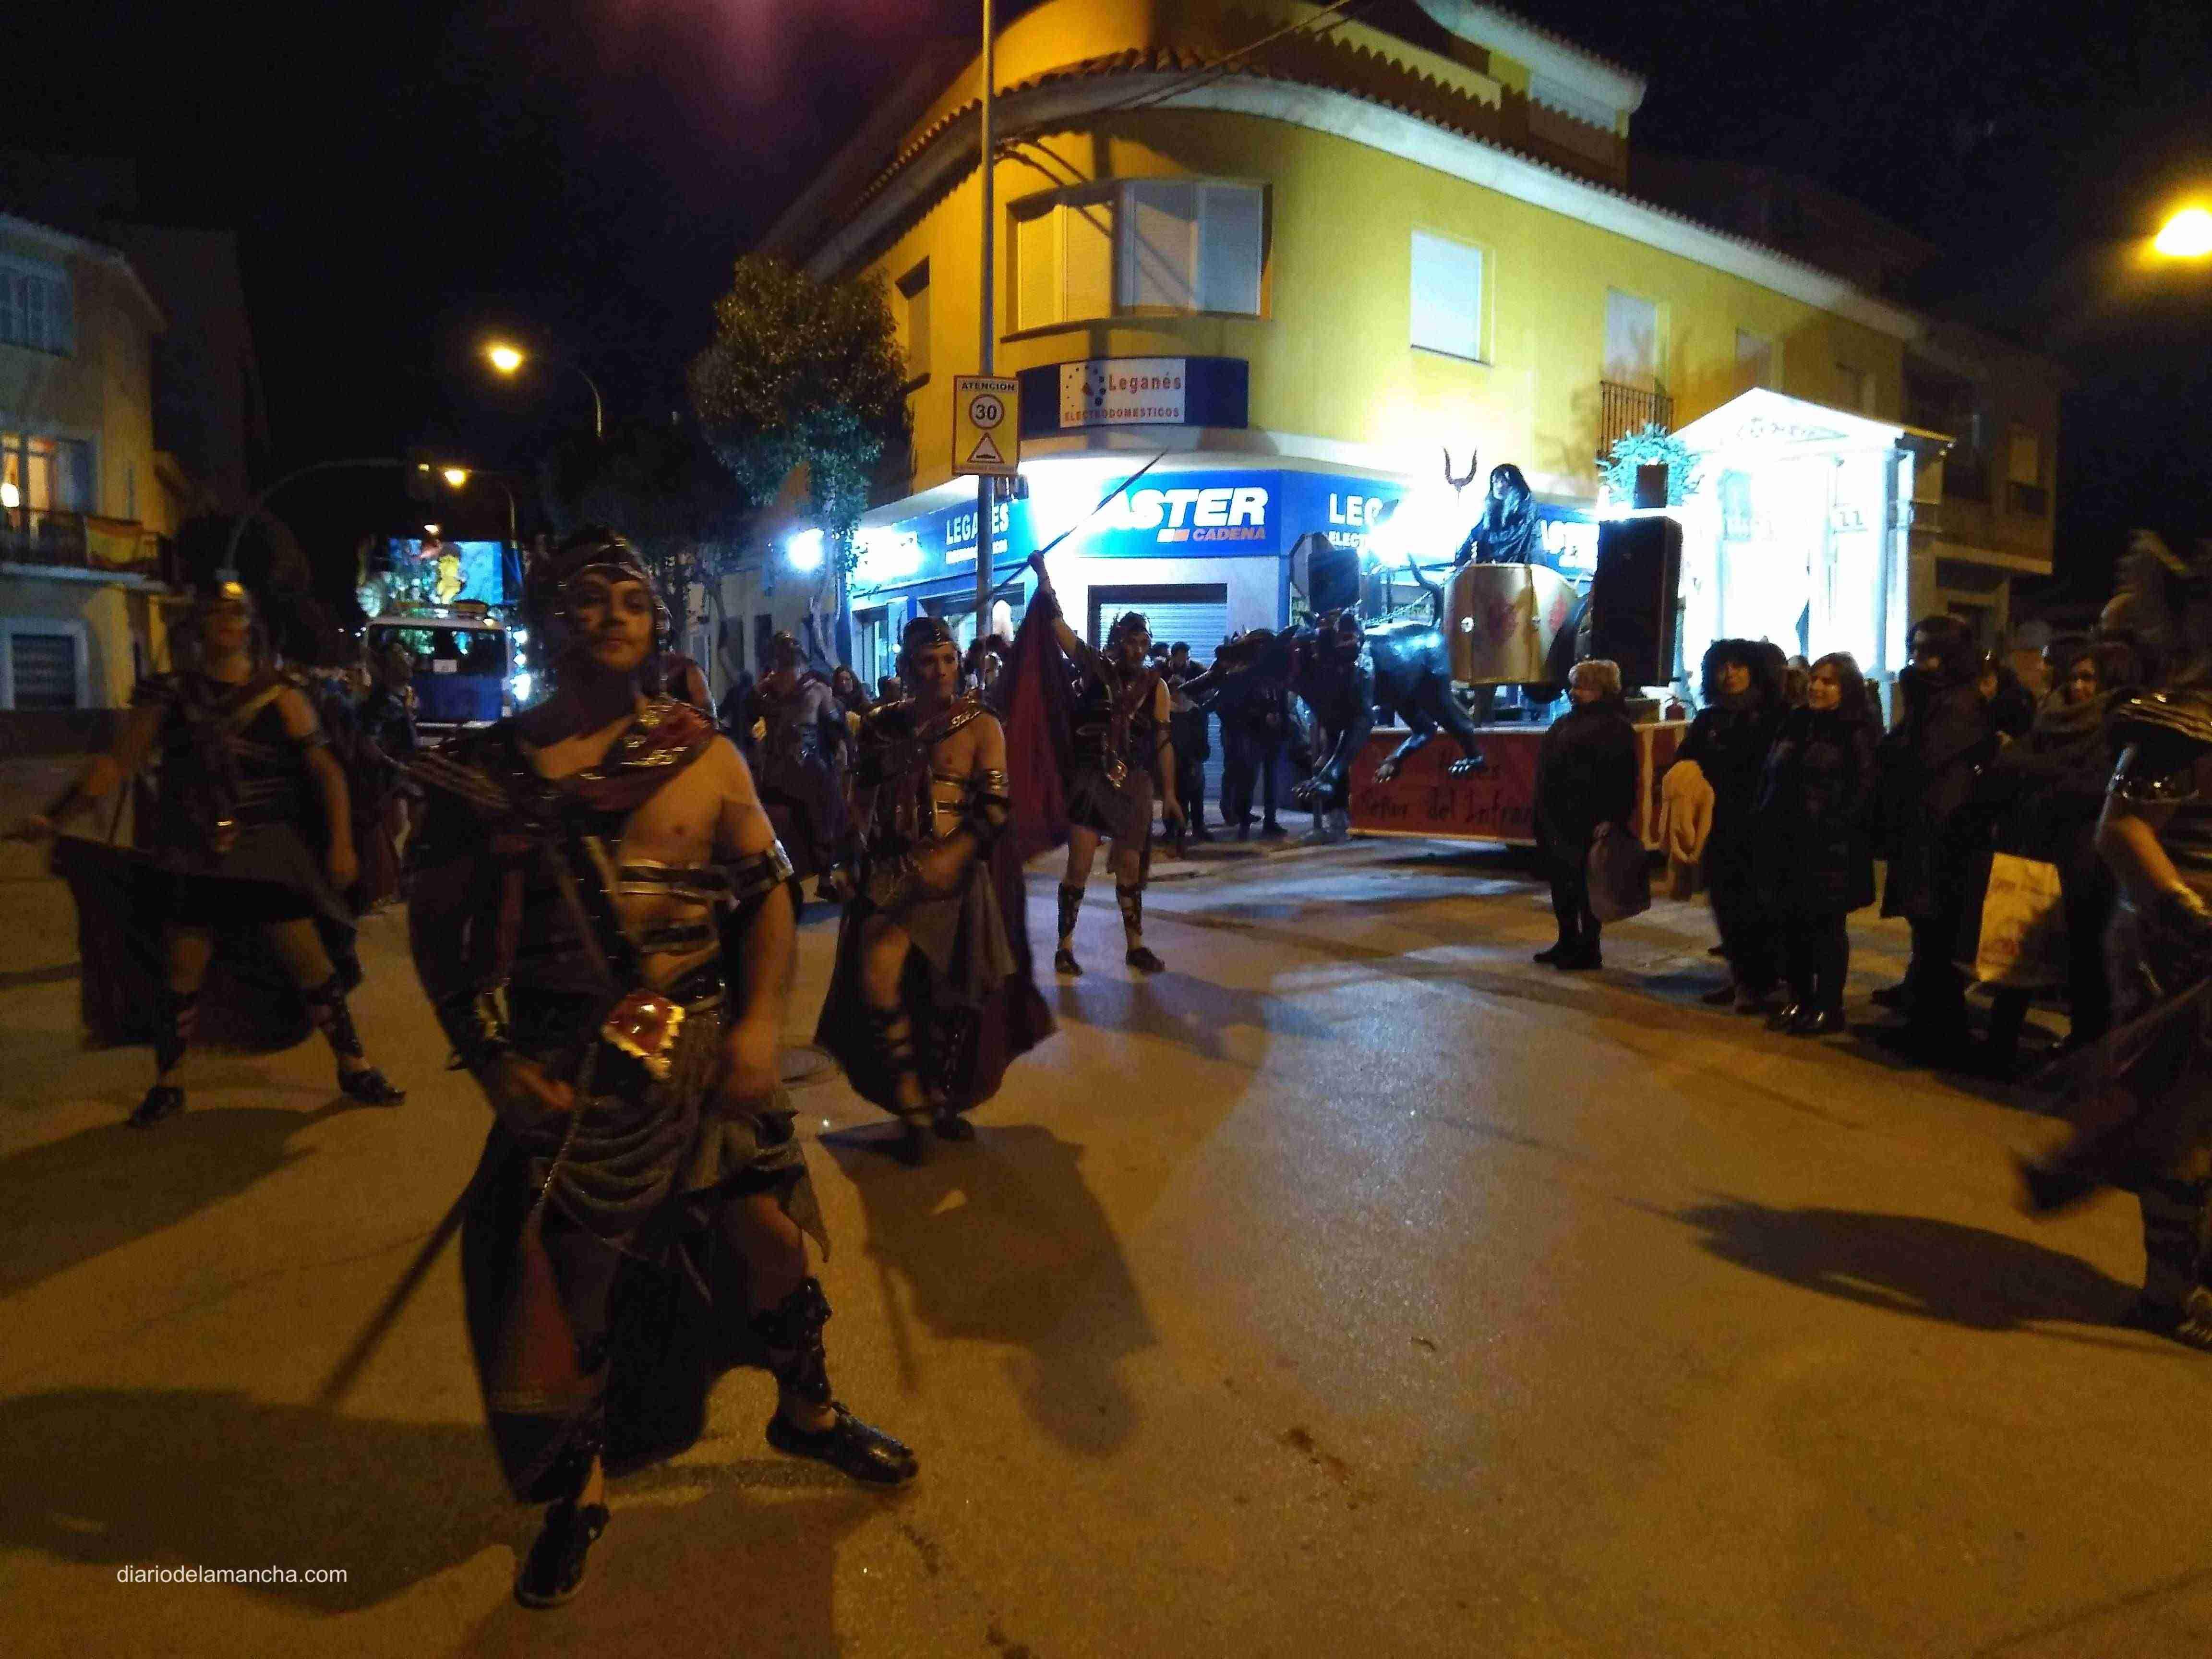 desfile-carnaval-2018-quintanar-de-la-orden-36 1